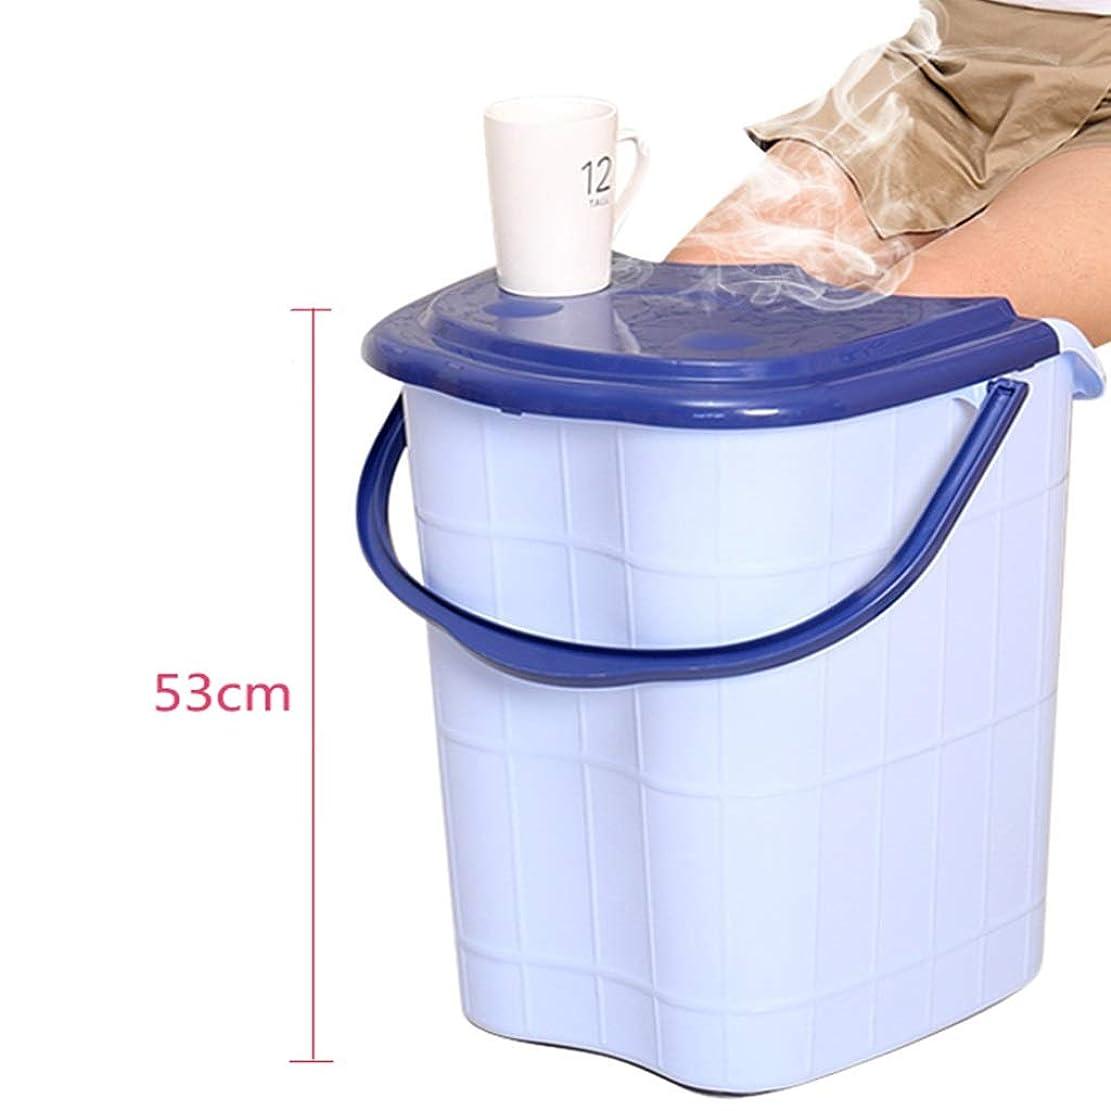 お風呂十二ベッドBB- ?AMT高さ特大マッサージ浴槽ポータブルふた付きフットバスバケット熱保存デトックススパボウル 0405 (色 : 青, サイズ さいず : 44*42*53cm)